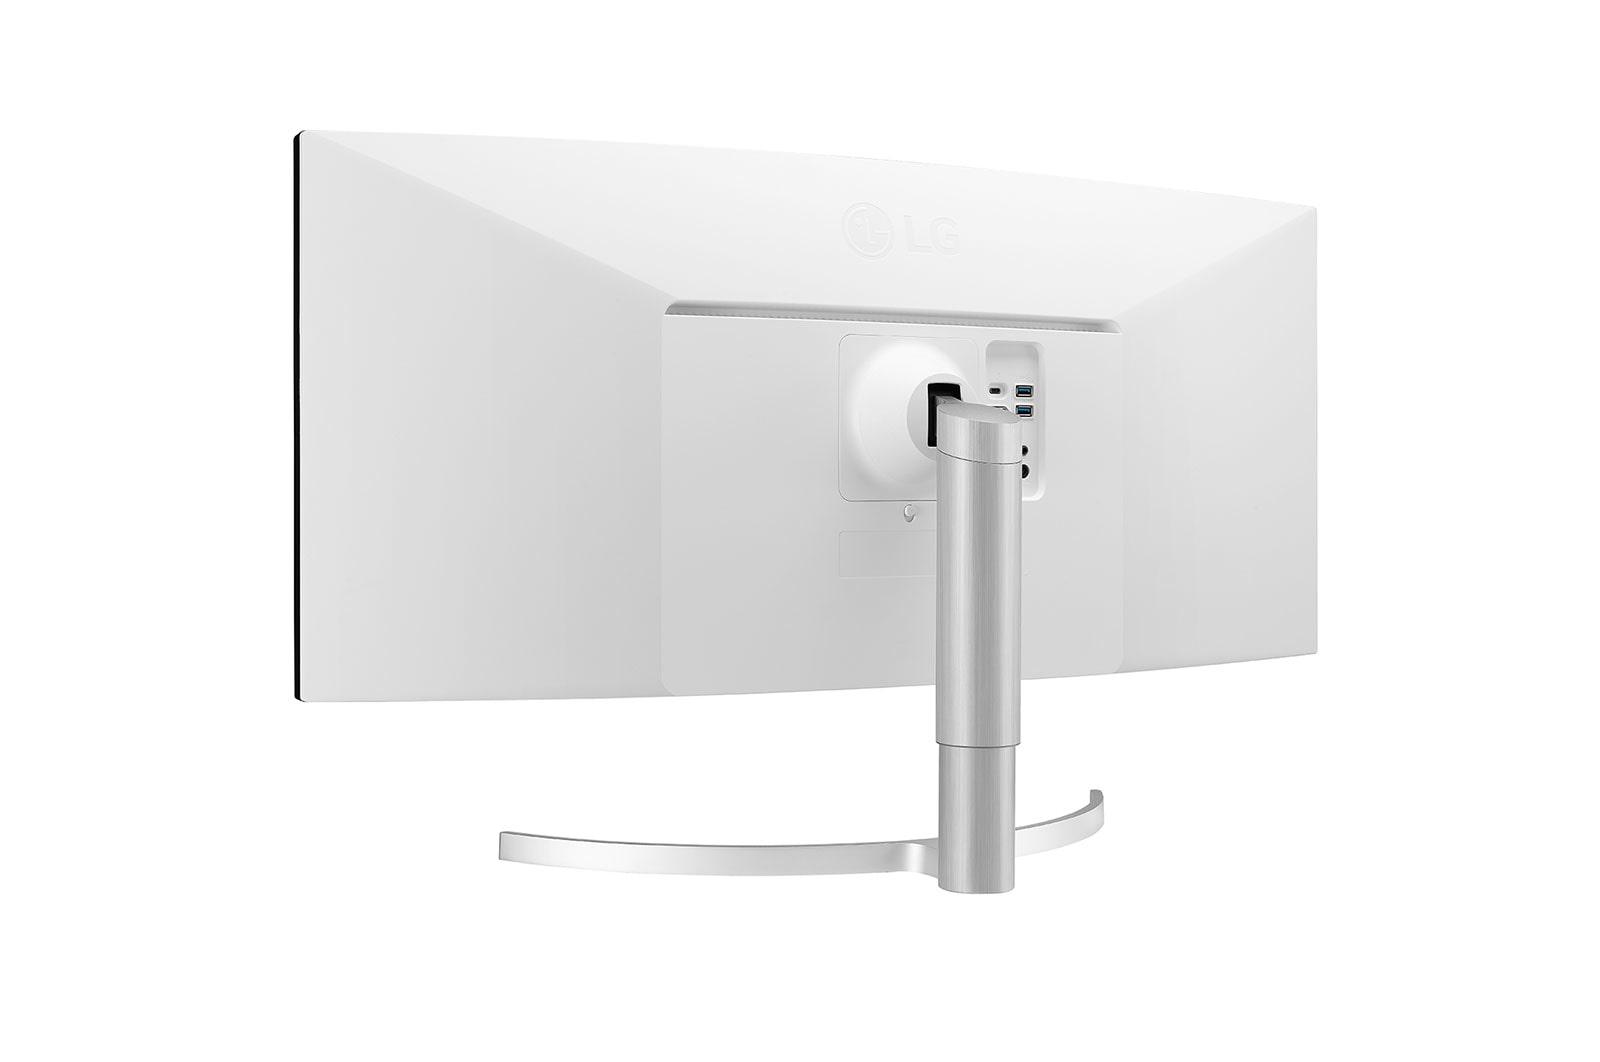 Màn hình máy tính LG UltraWide 38'' Nano IPS Cong QHD+ VESA Display HDR 600 NVIDIA G-SYNC Compatible Thunderbolt 38WN95C-W - Hàng chính hãng